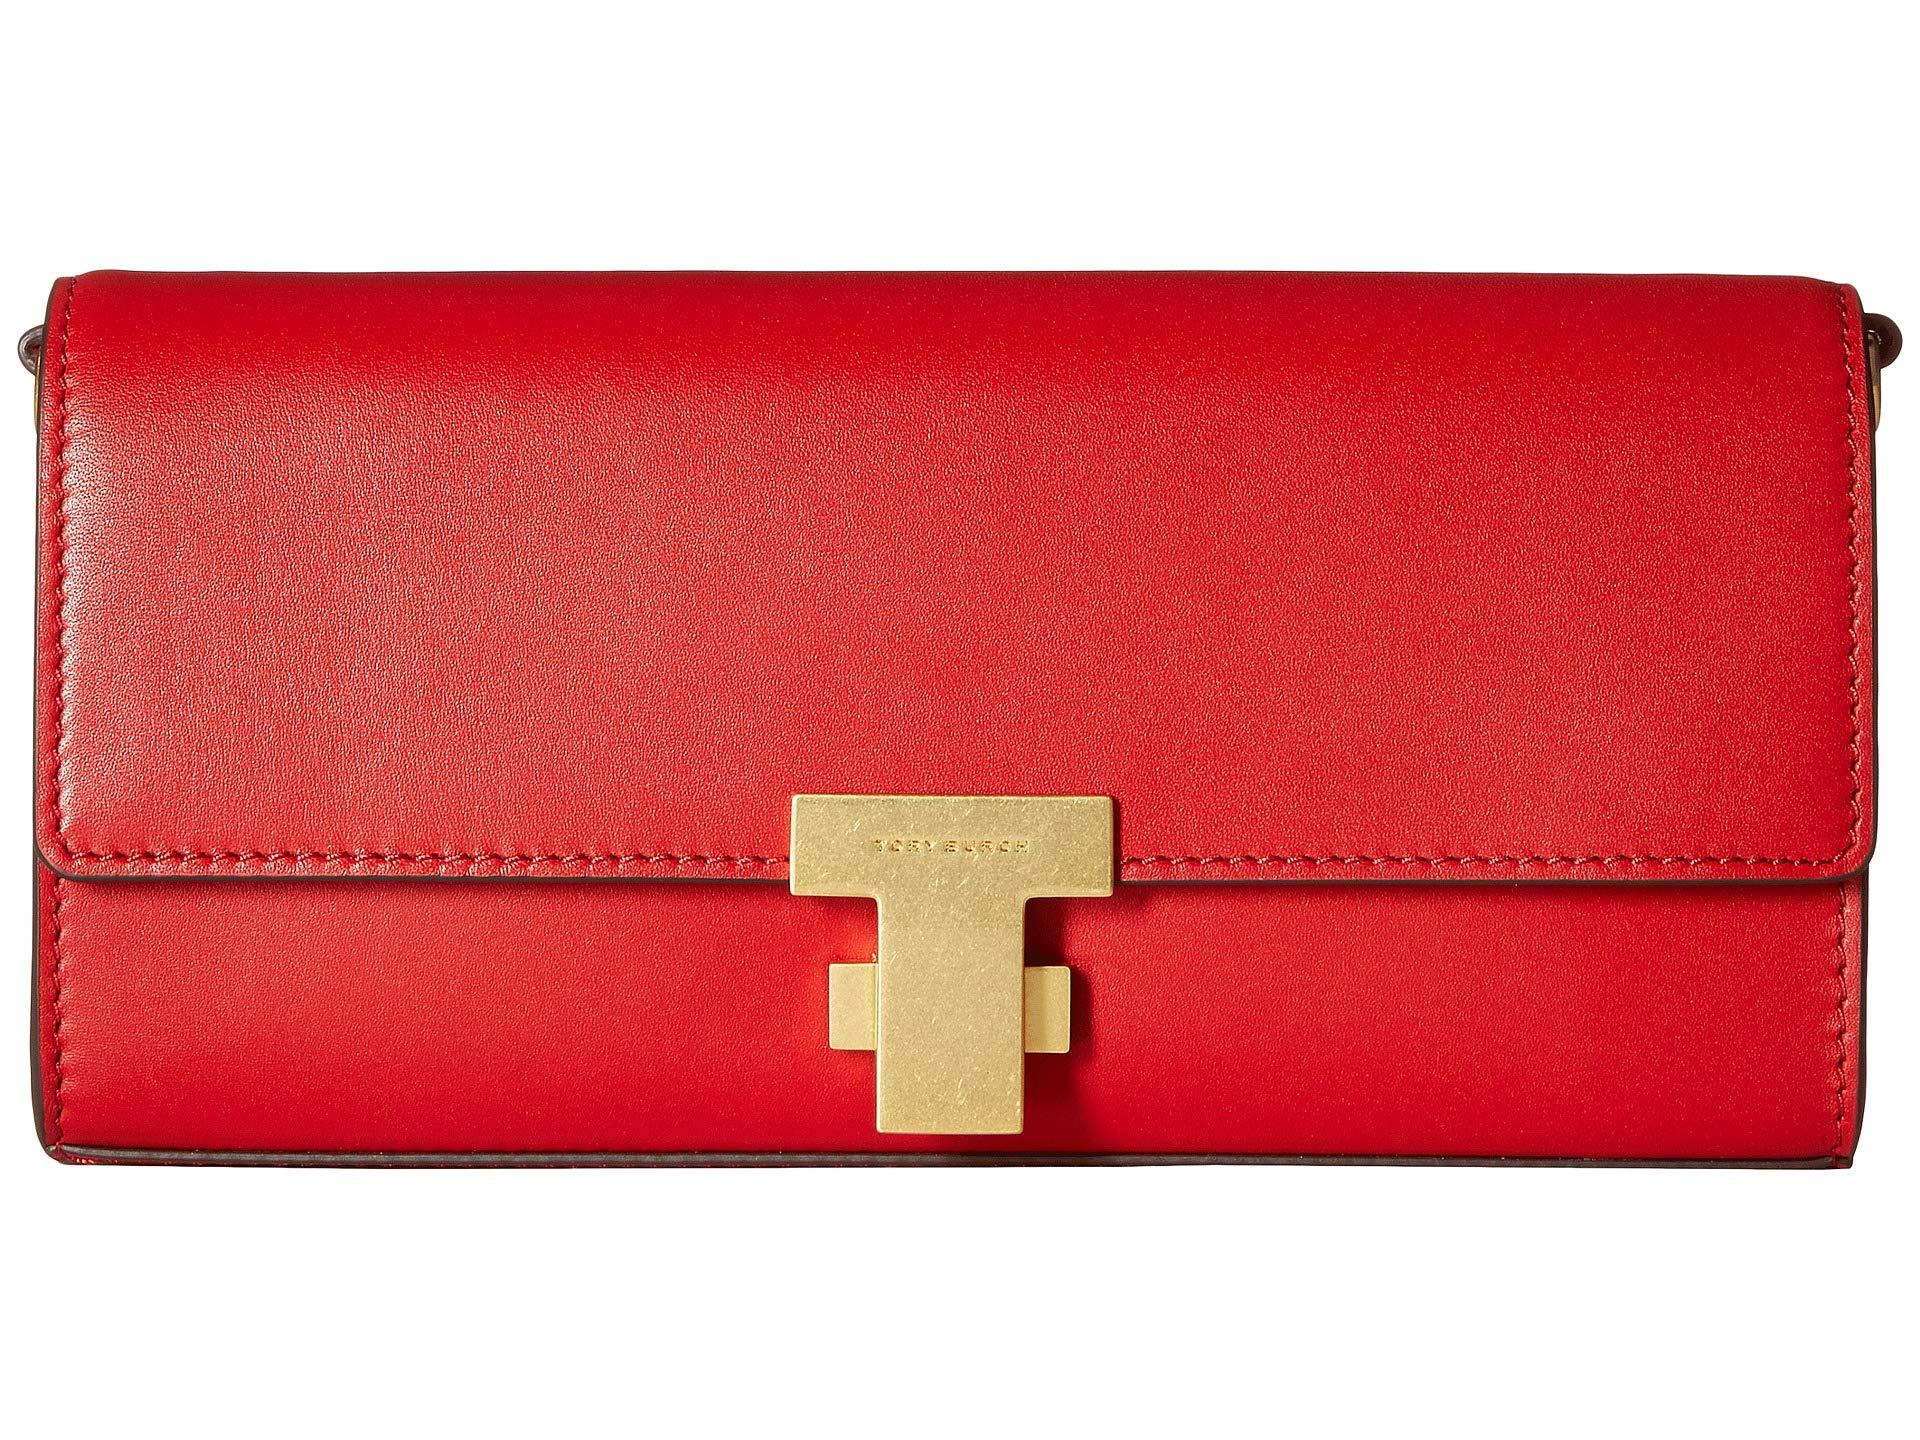 070ce524c4 Lyst - Tory Burch Juliette Clutch (black) Clutch Handbags in Red